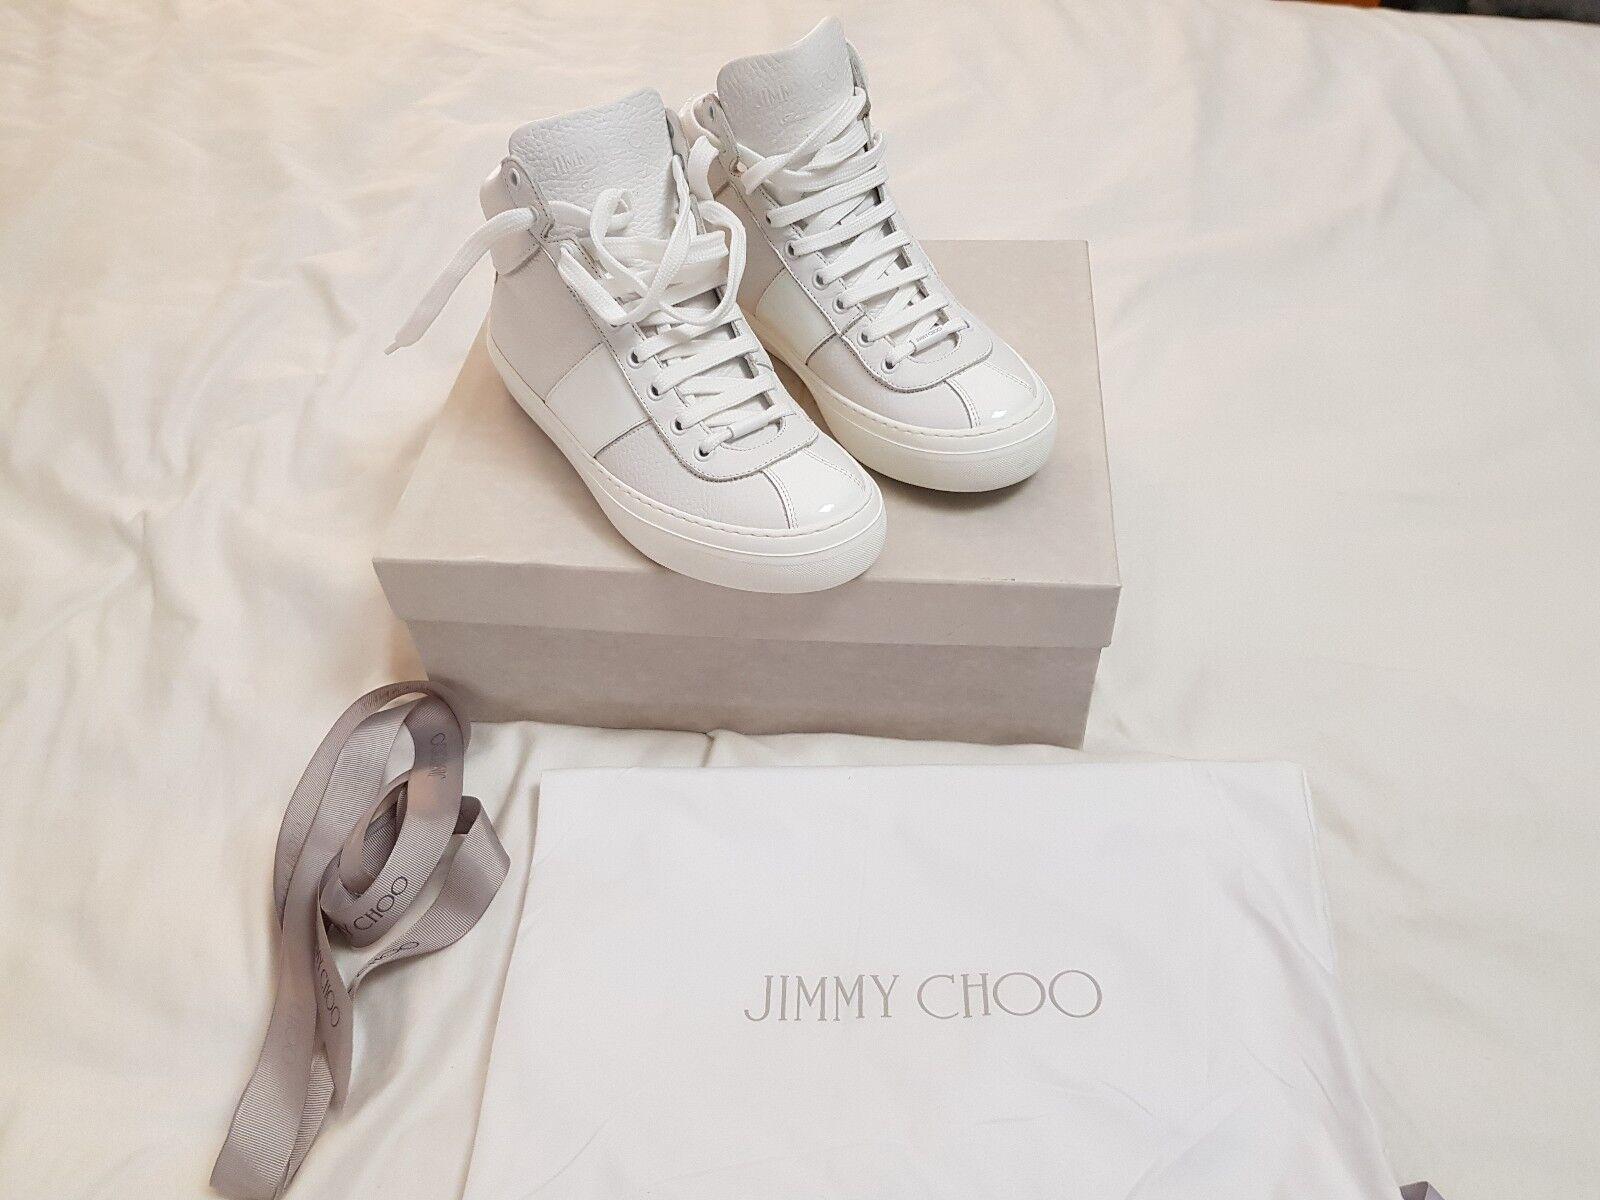 Jimmy Choo botas para hombre blancoo belgravi-totalmente Nuevo